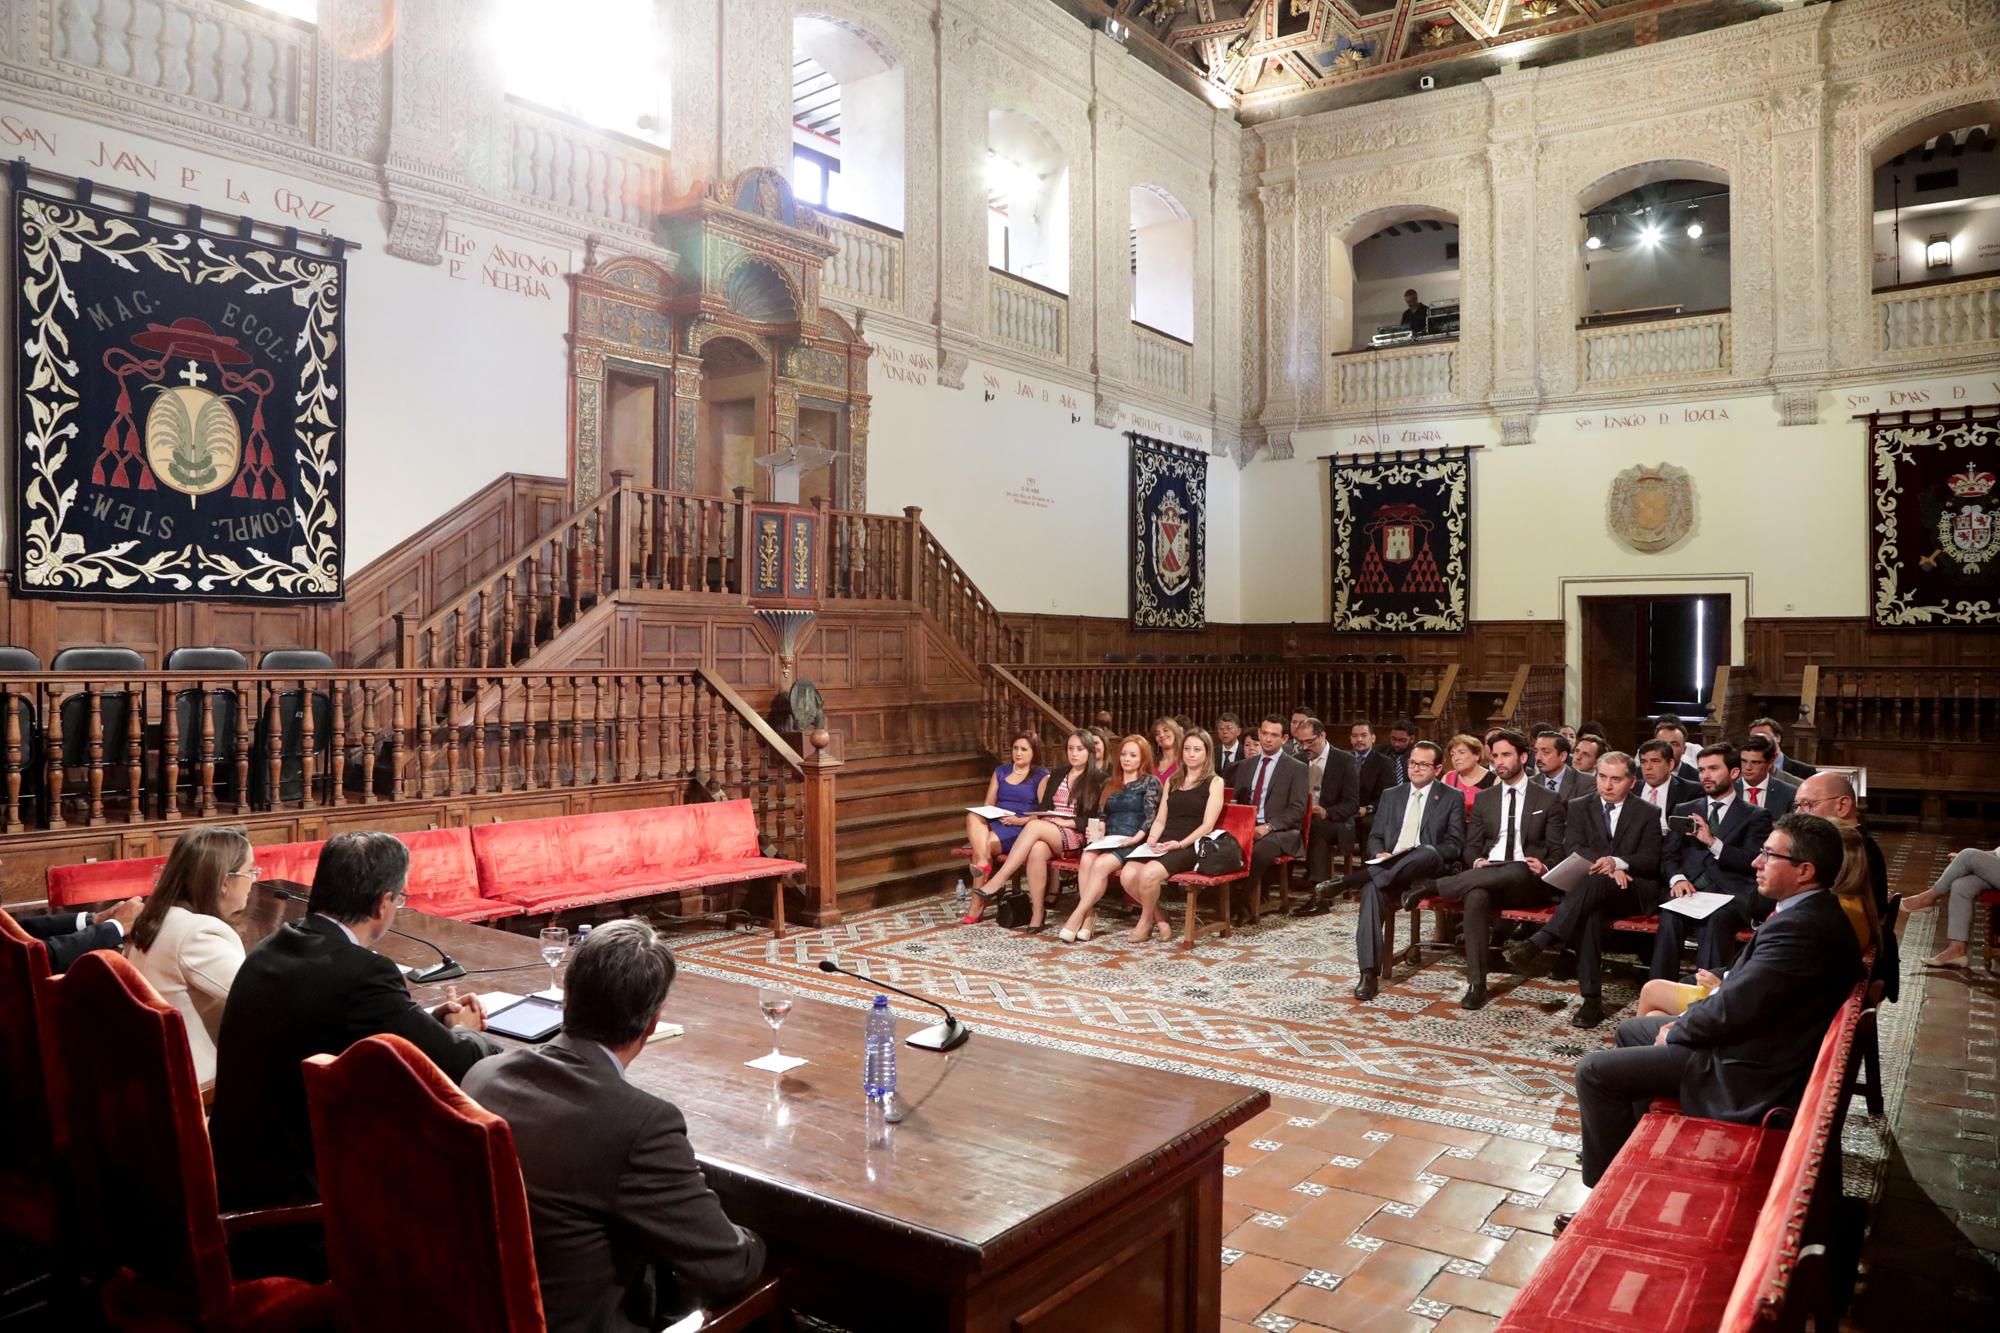 Foto del grupo durante la ceremonia